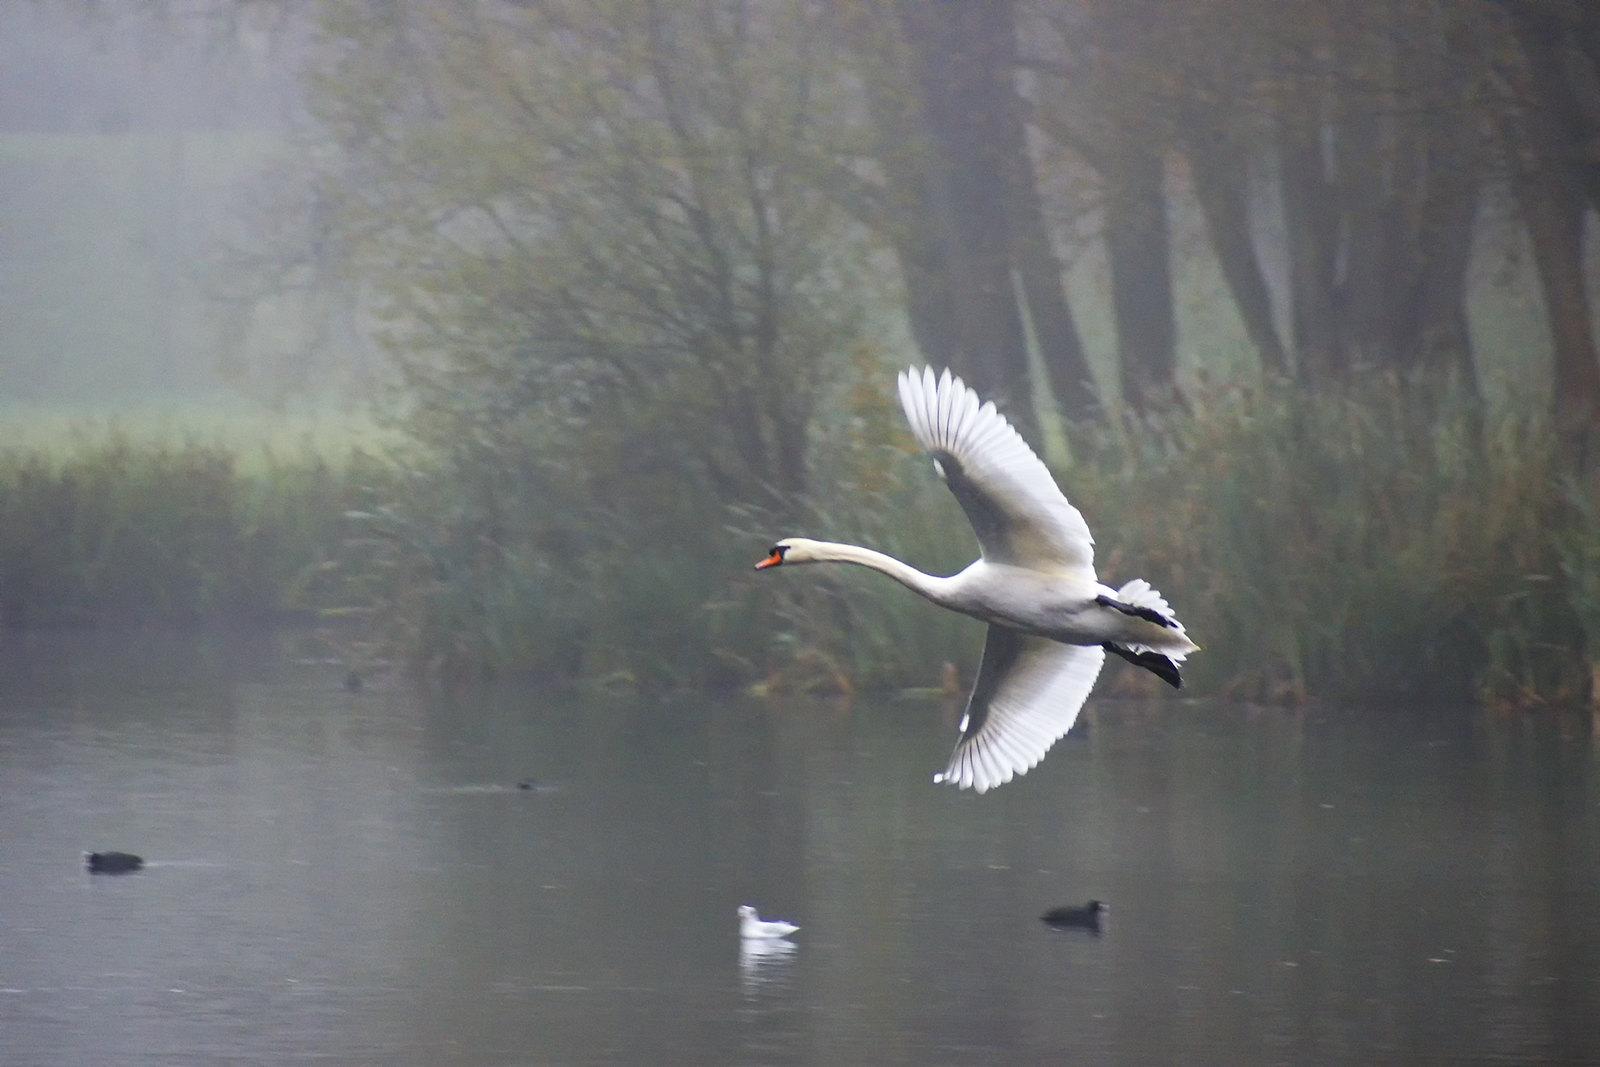 Vol dans la brume. | by renécarrère